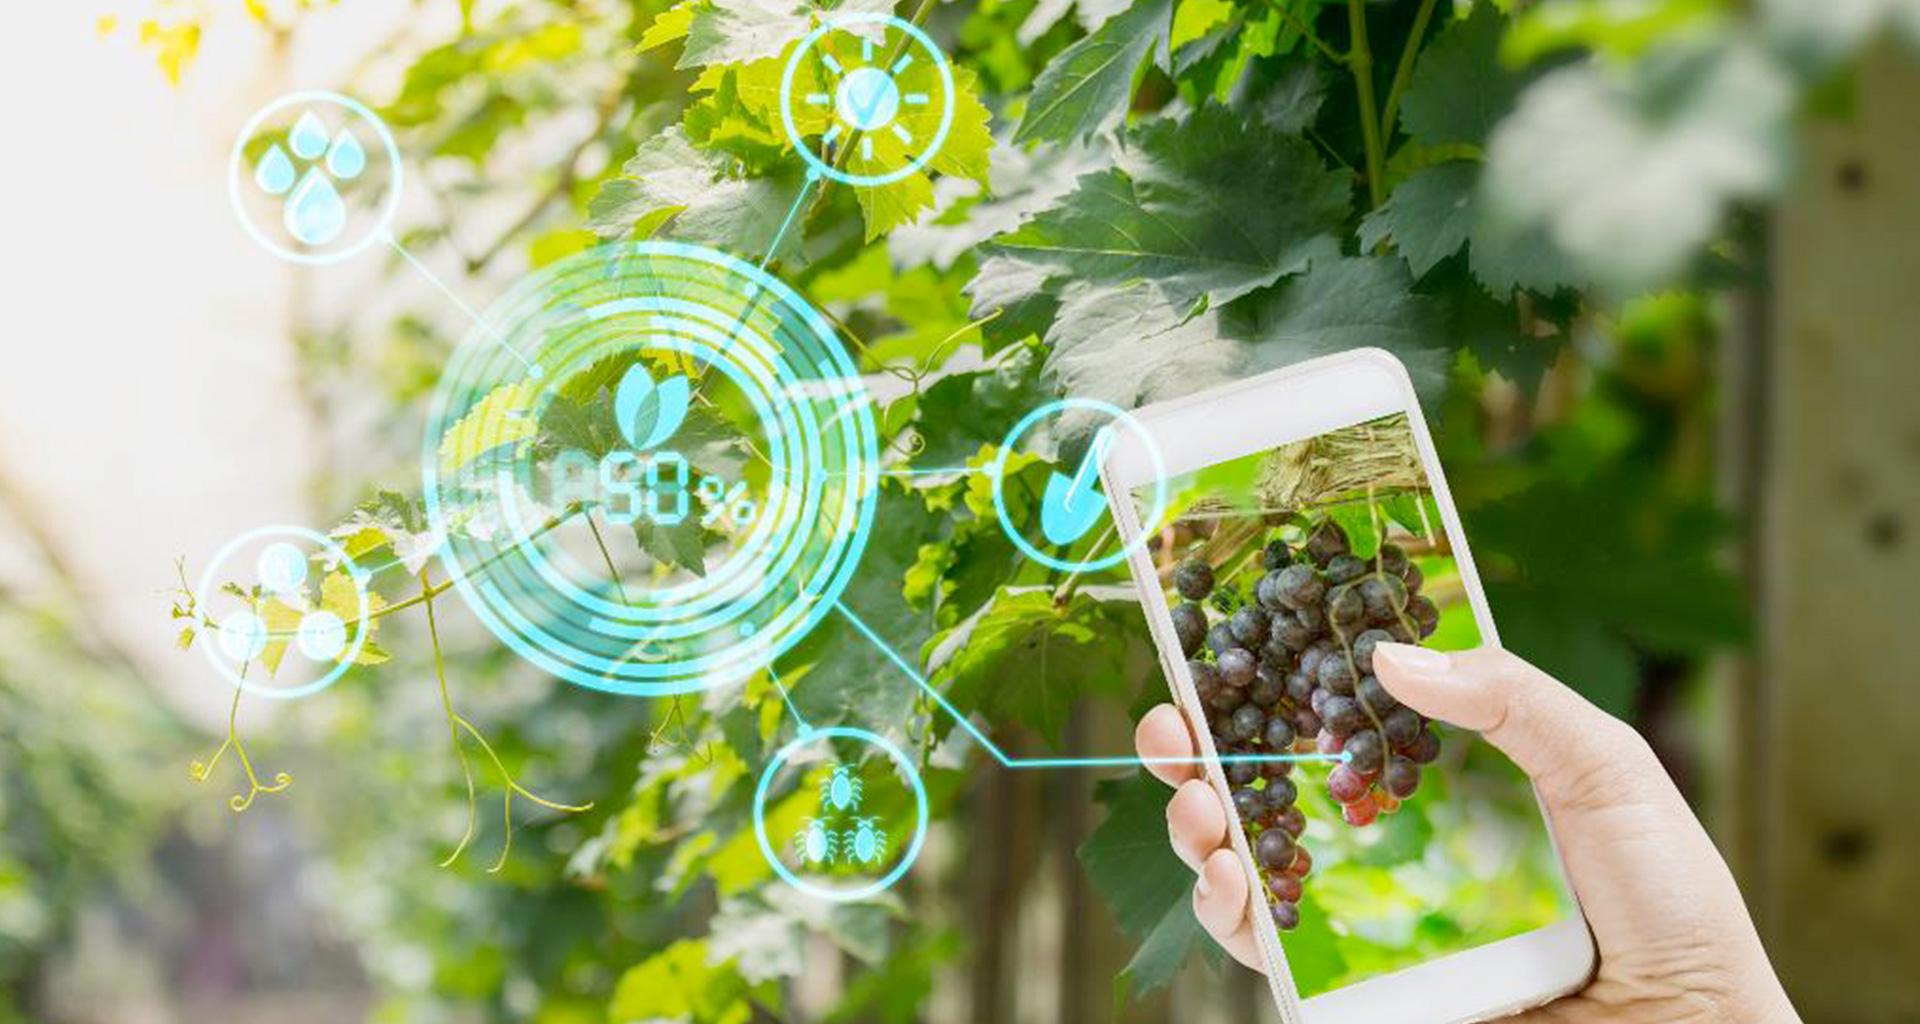 L'agricoltura 4.0 su del 270%